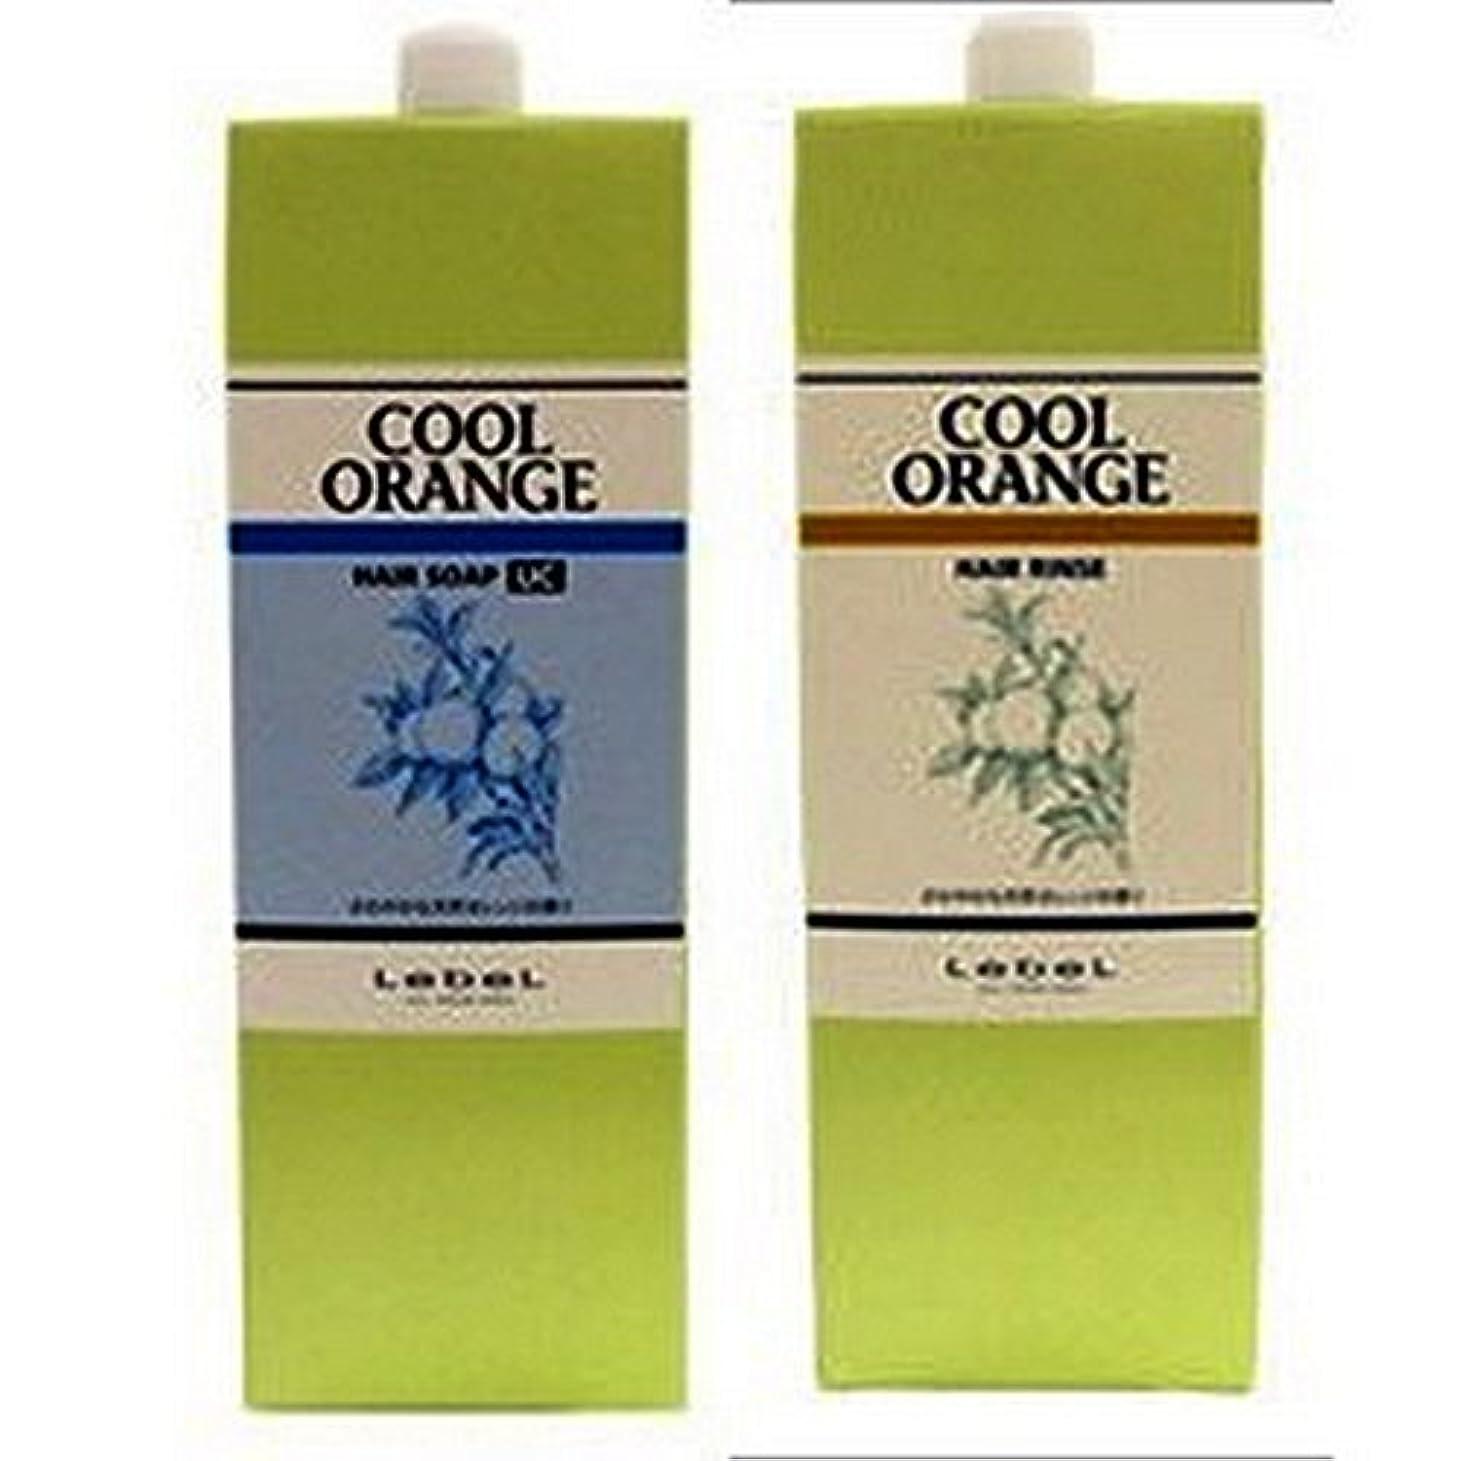 驚かすロンドン海藻Lebel ルベル クールオレンジヘアソープ ウルトラクール1600ml ヘアリンス1600ml 2本セット